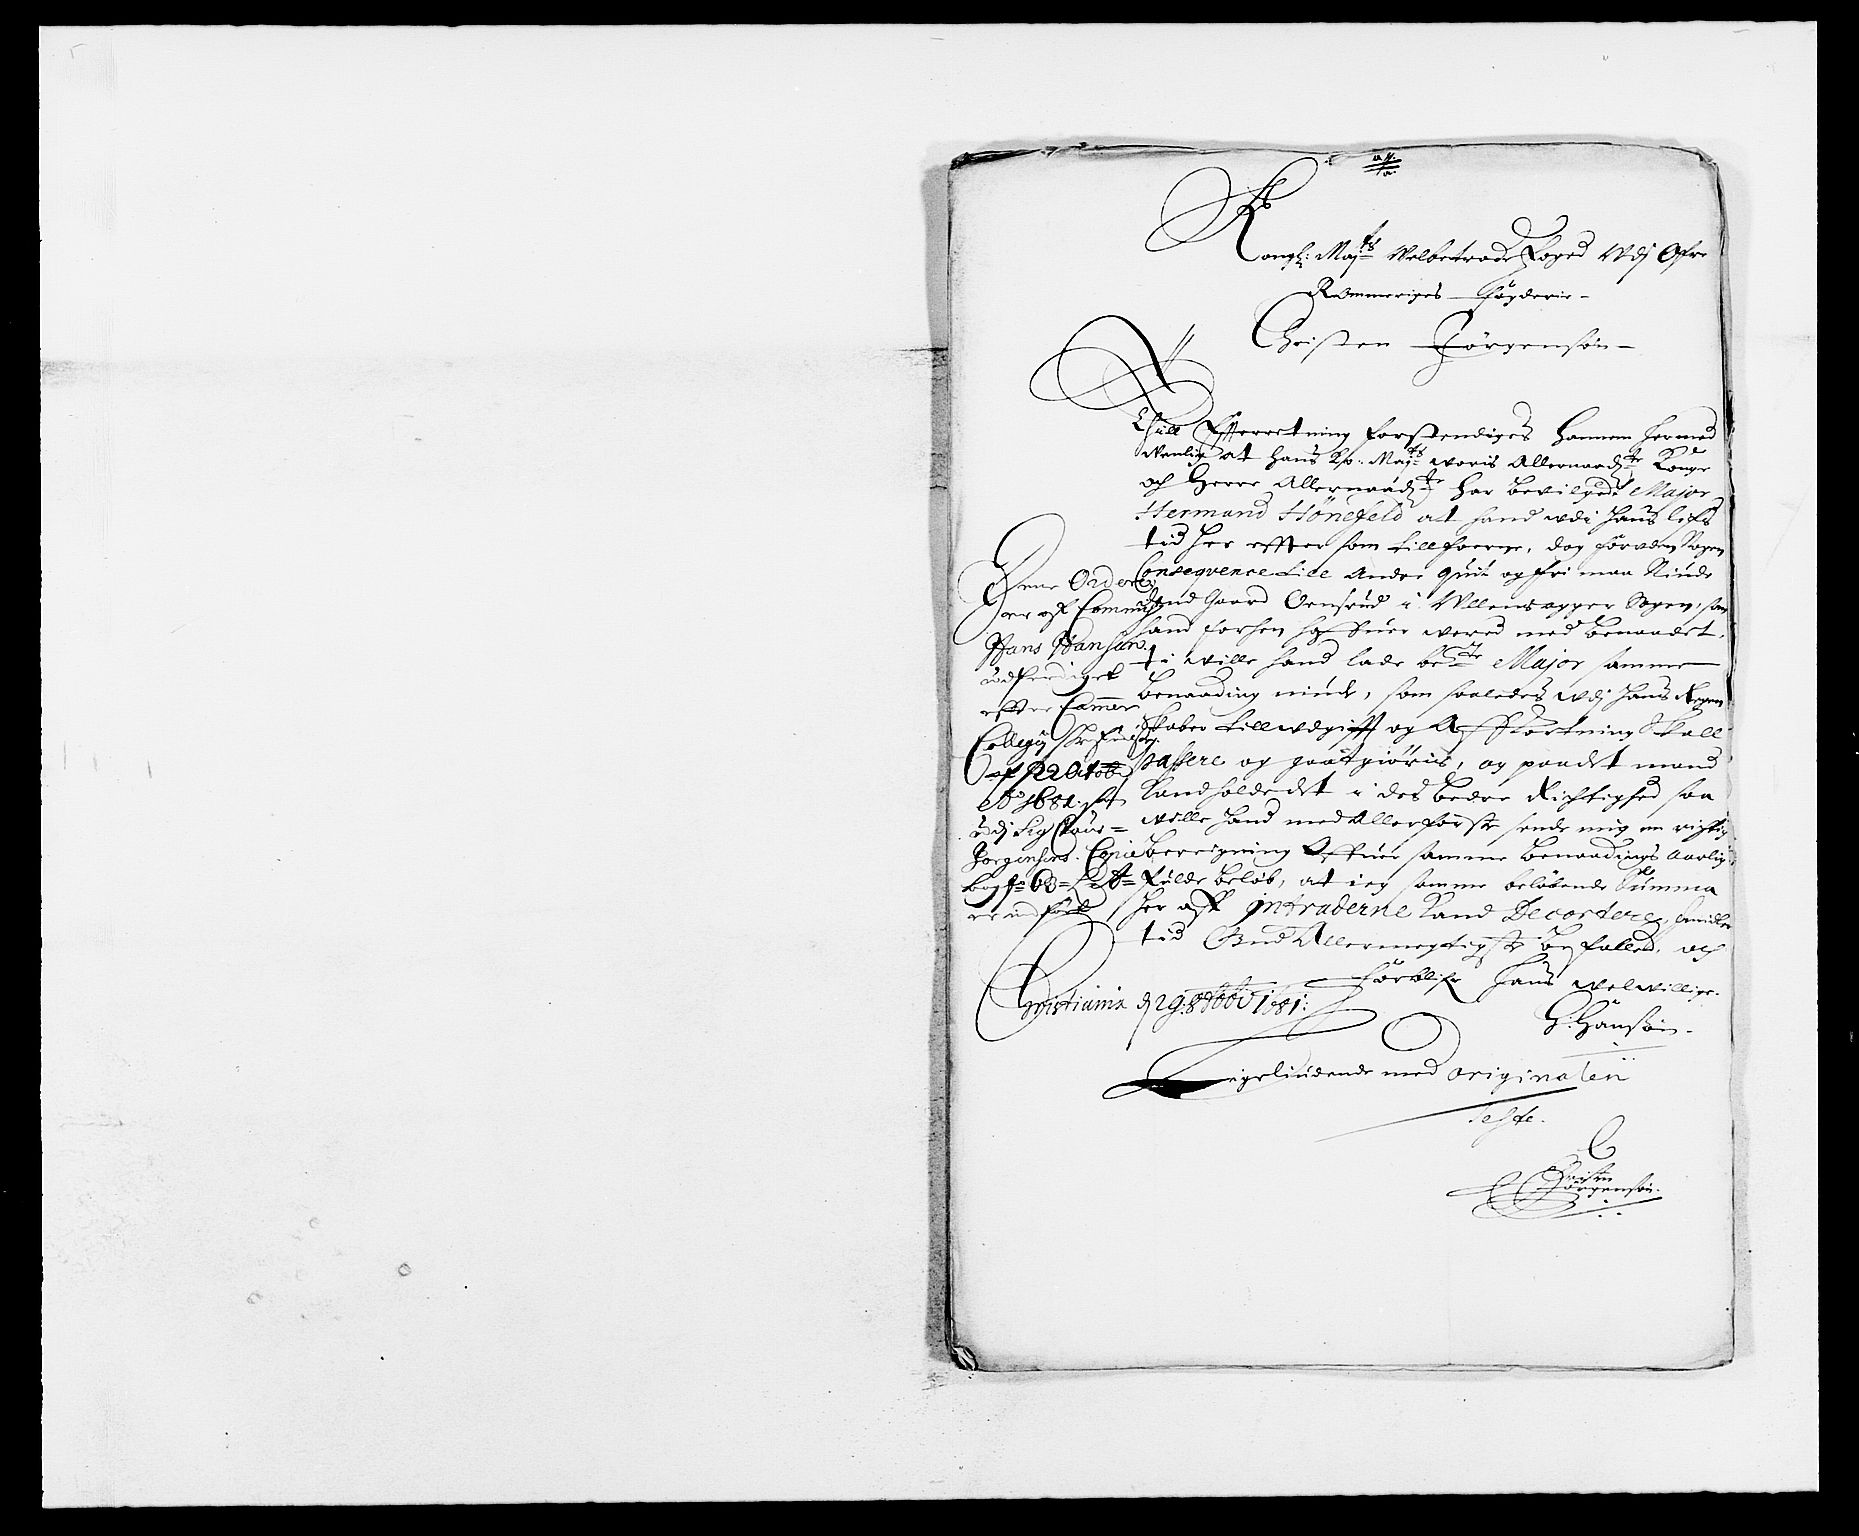 RA, Rentekammeret inntil 1814, Reviderte regnskaper, Fogderegnskap, R12/L0695: Fogderegnskap Øvre Romerike, 1680, s. 317